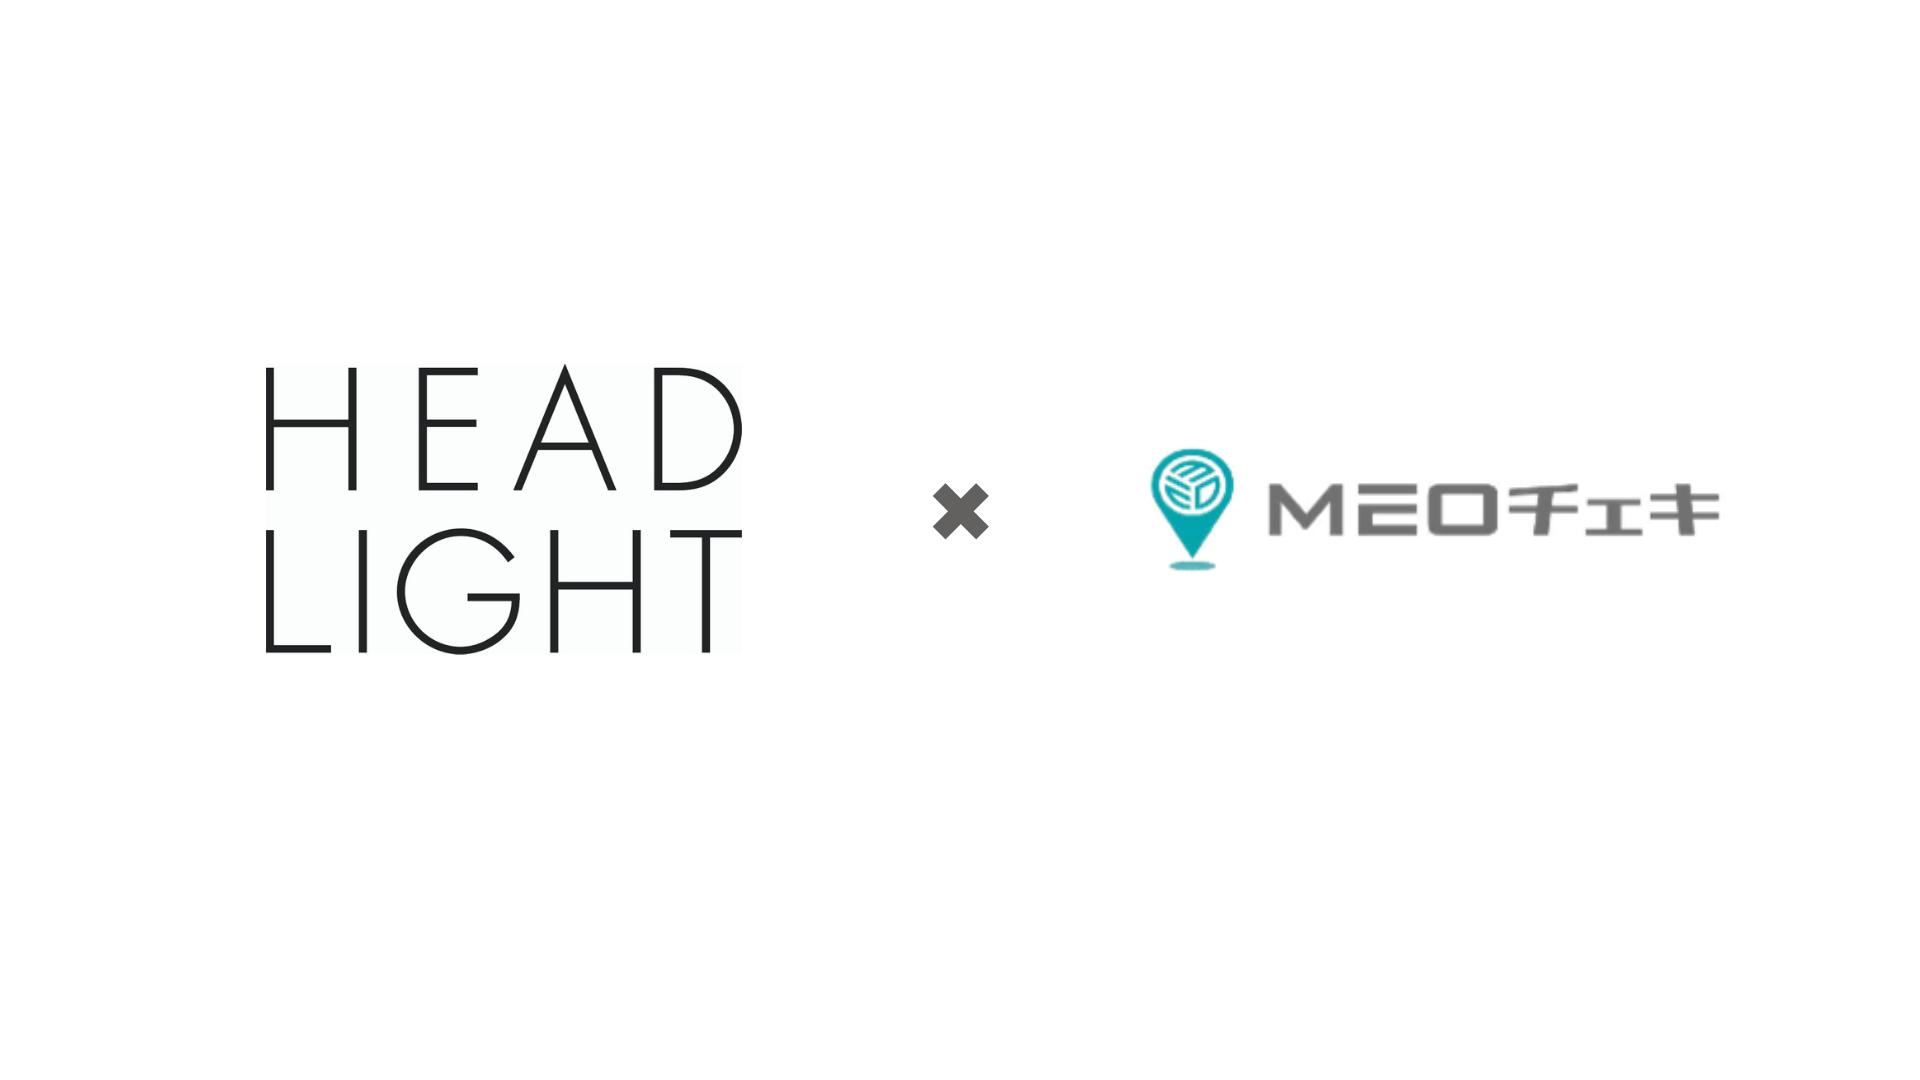 株式会社HEAD LIGHT PRESS用アイキャッチ画像